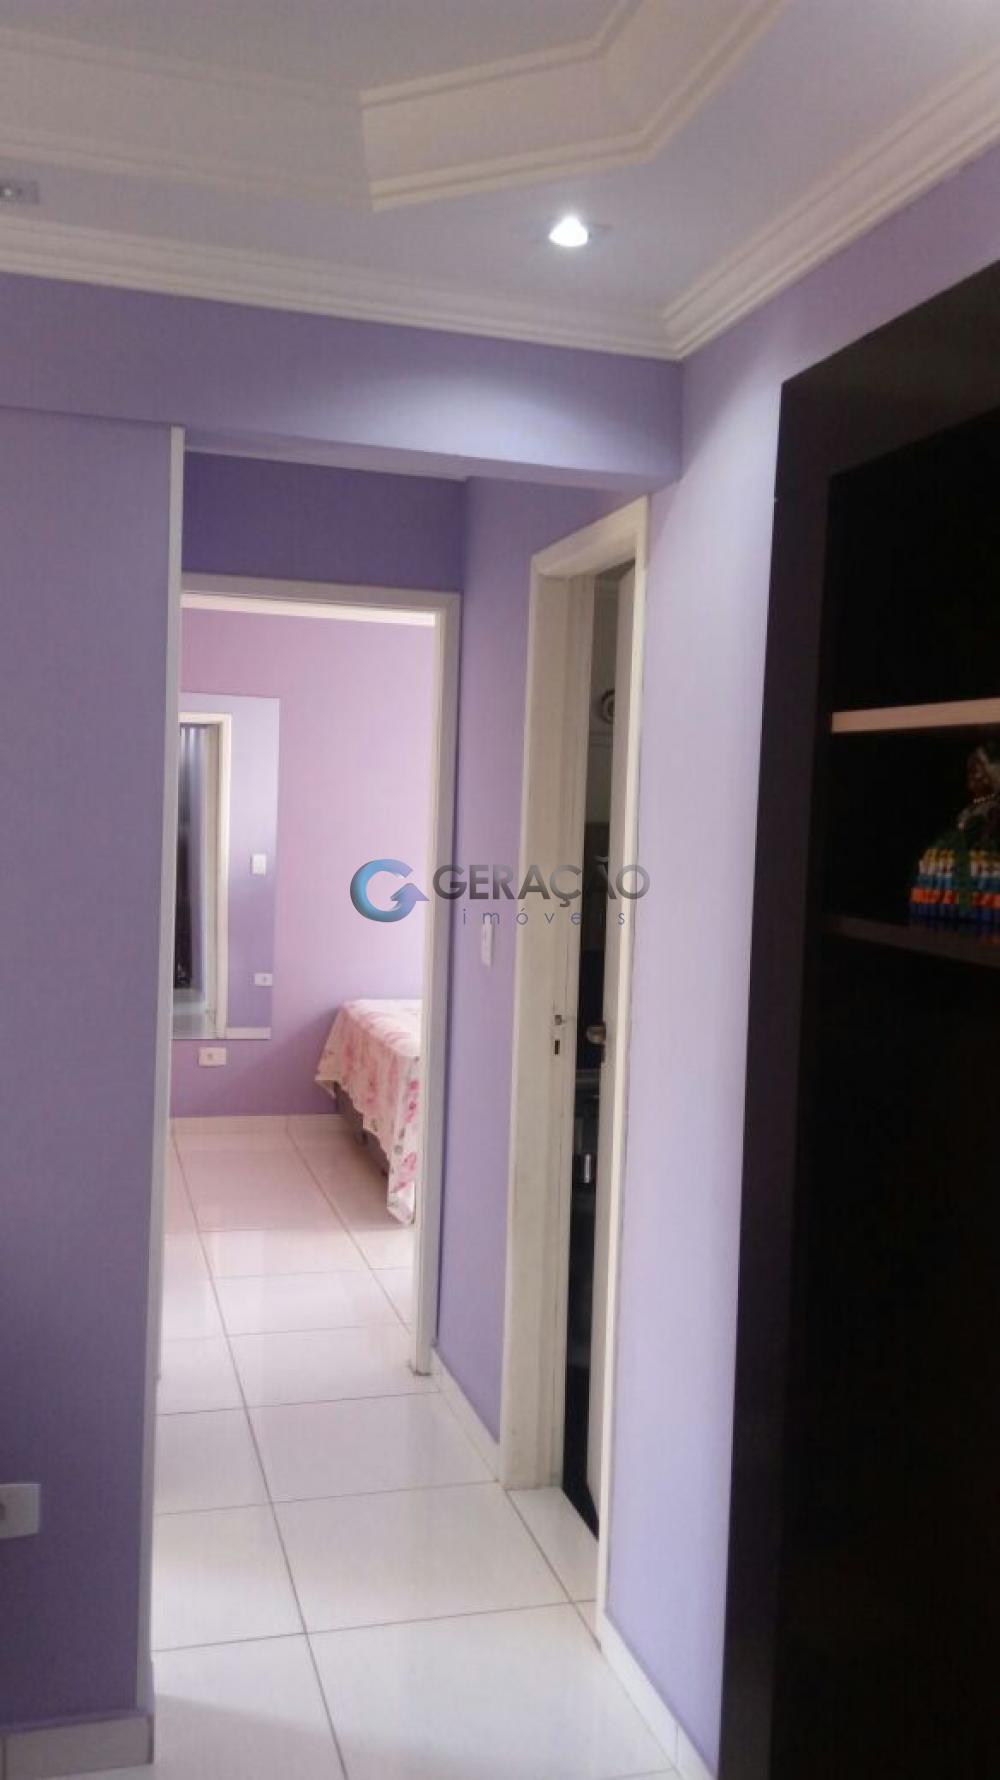 Comprar Apartamento / Padrão em São José dos Campos R$ 185.000,00 - Foto 4